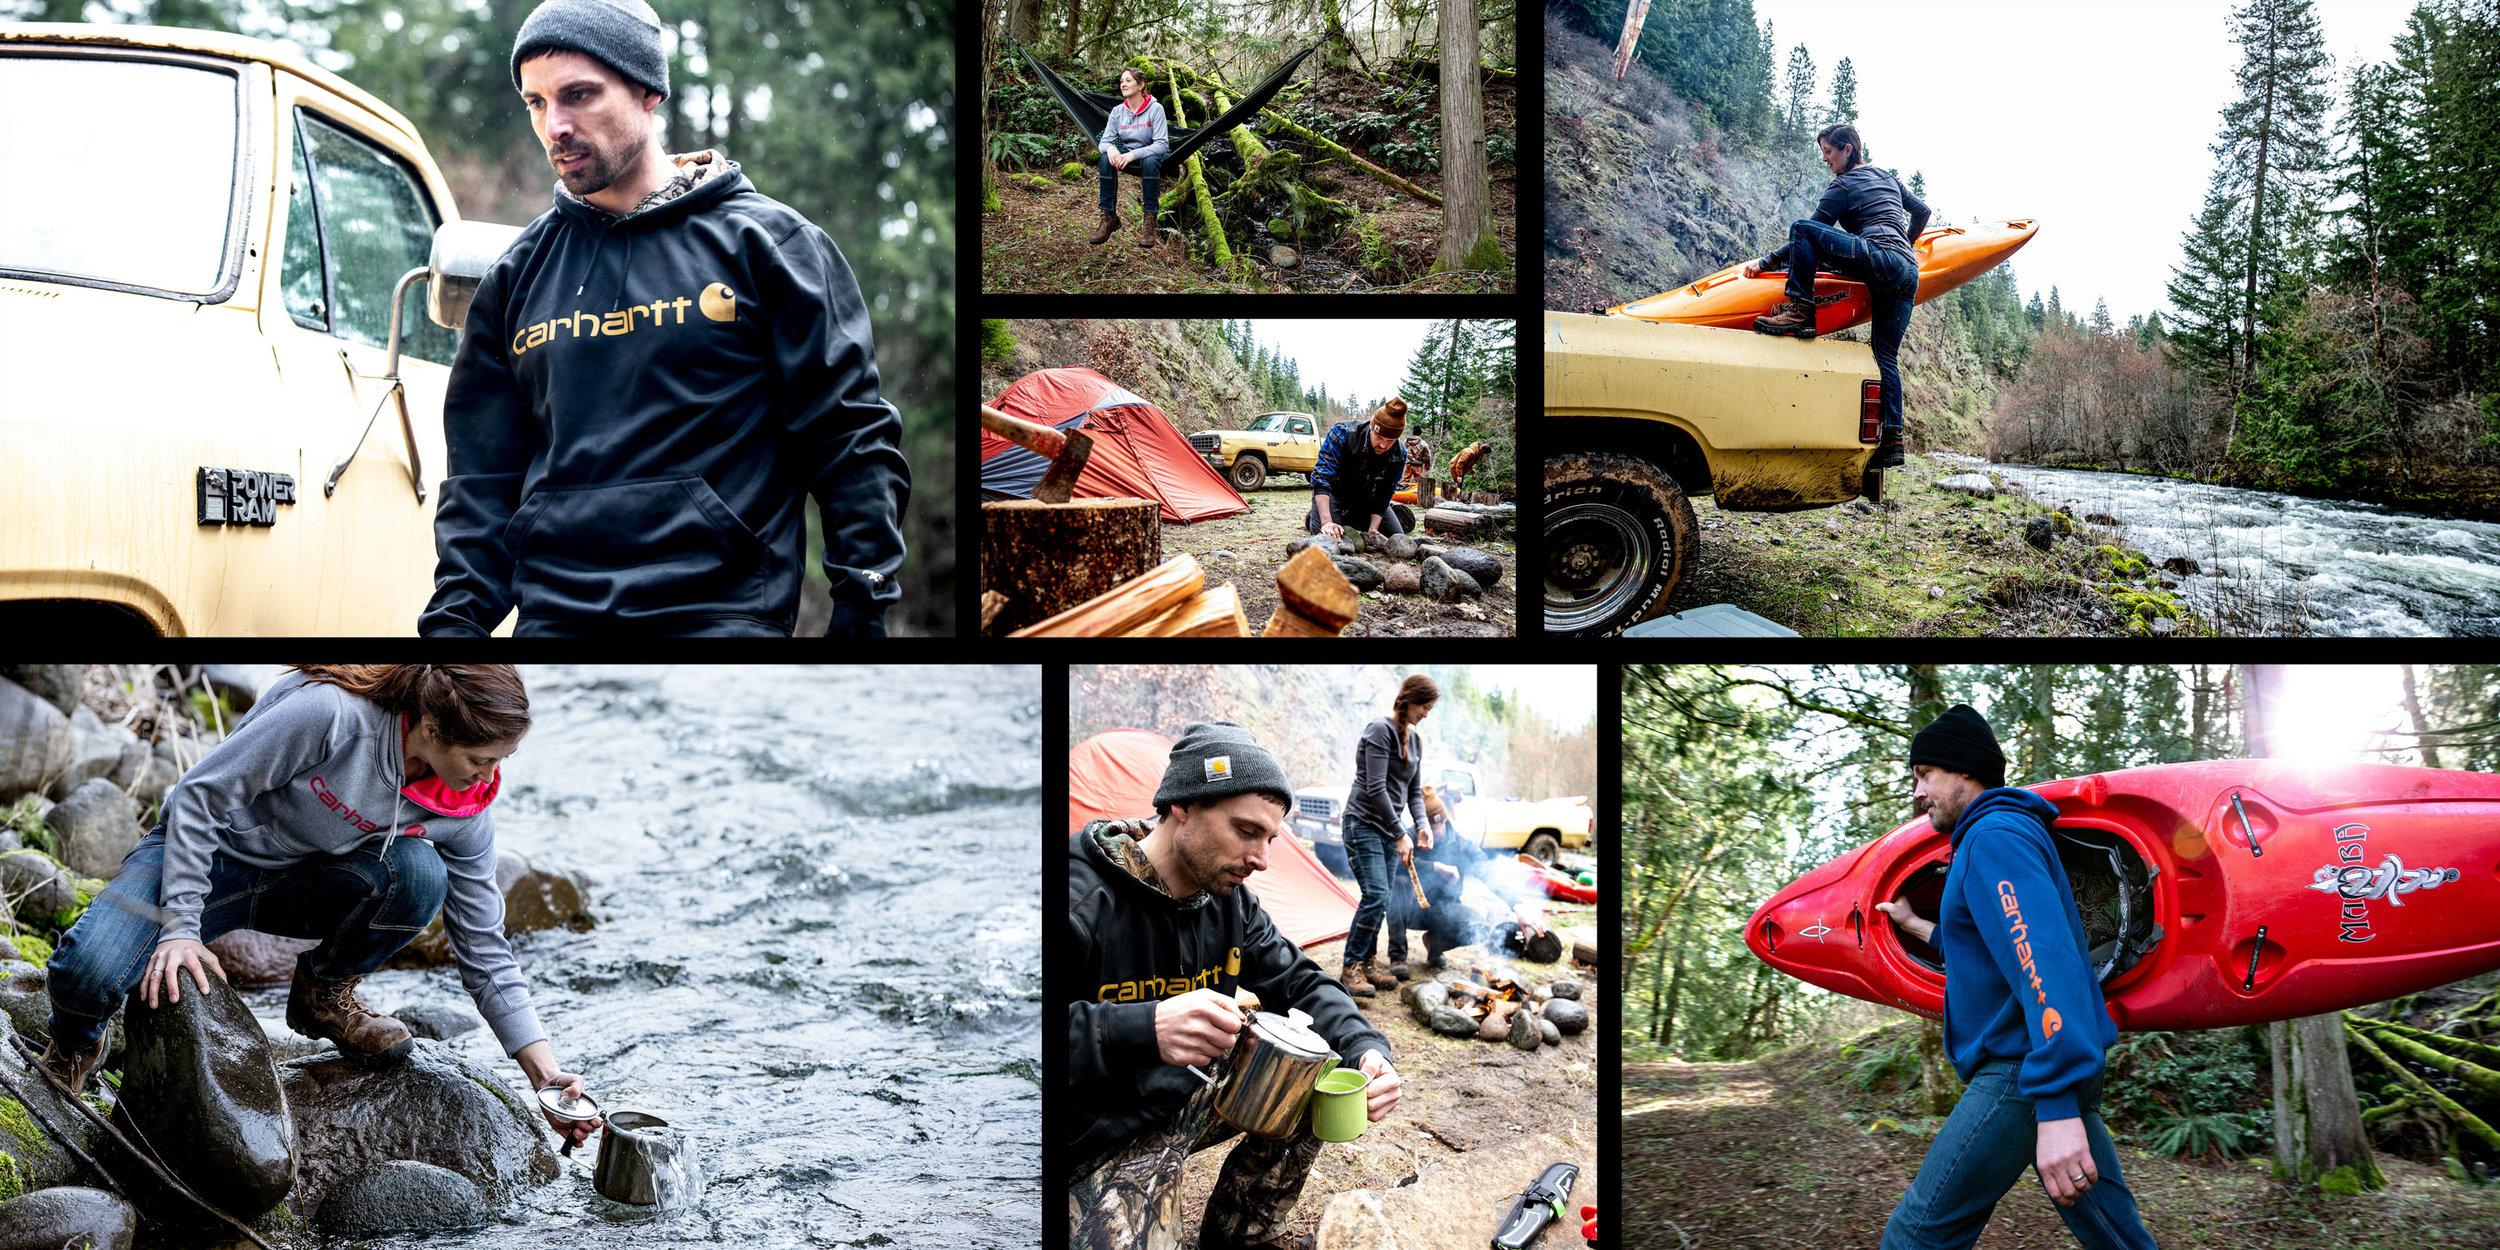 Carhartt_Kayaking_Collage.jpg